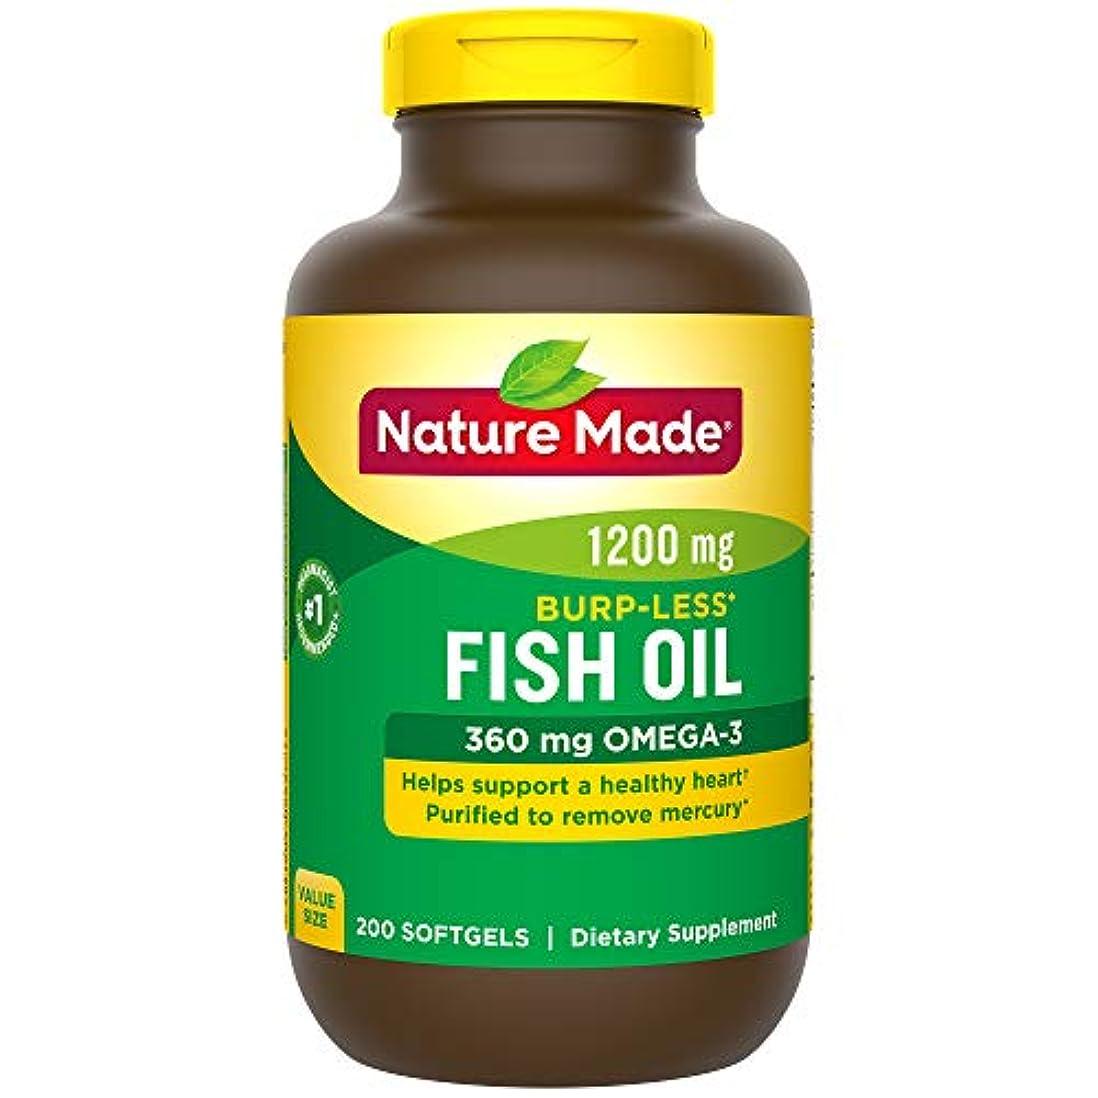 三番時間とともにジャムNature Made Fish Oil 1200 Mg Burp-less, Value Size, 200-Count 海外直送品